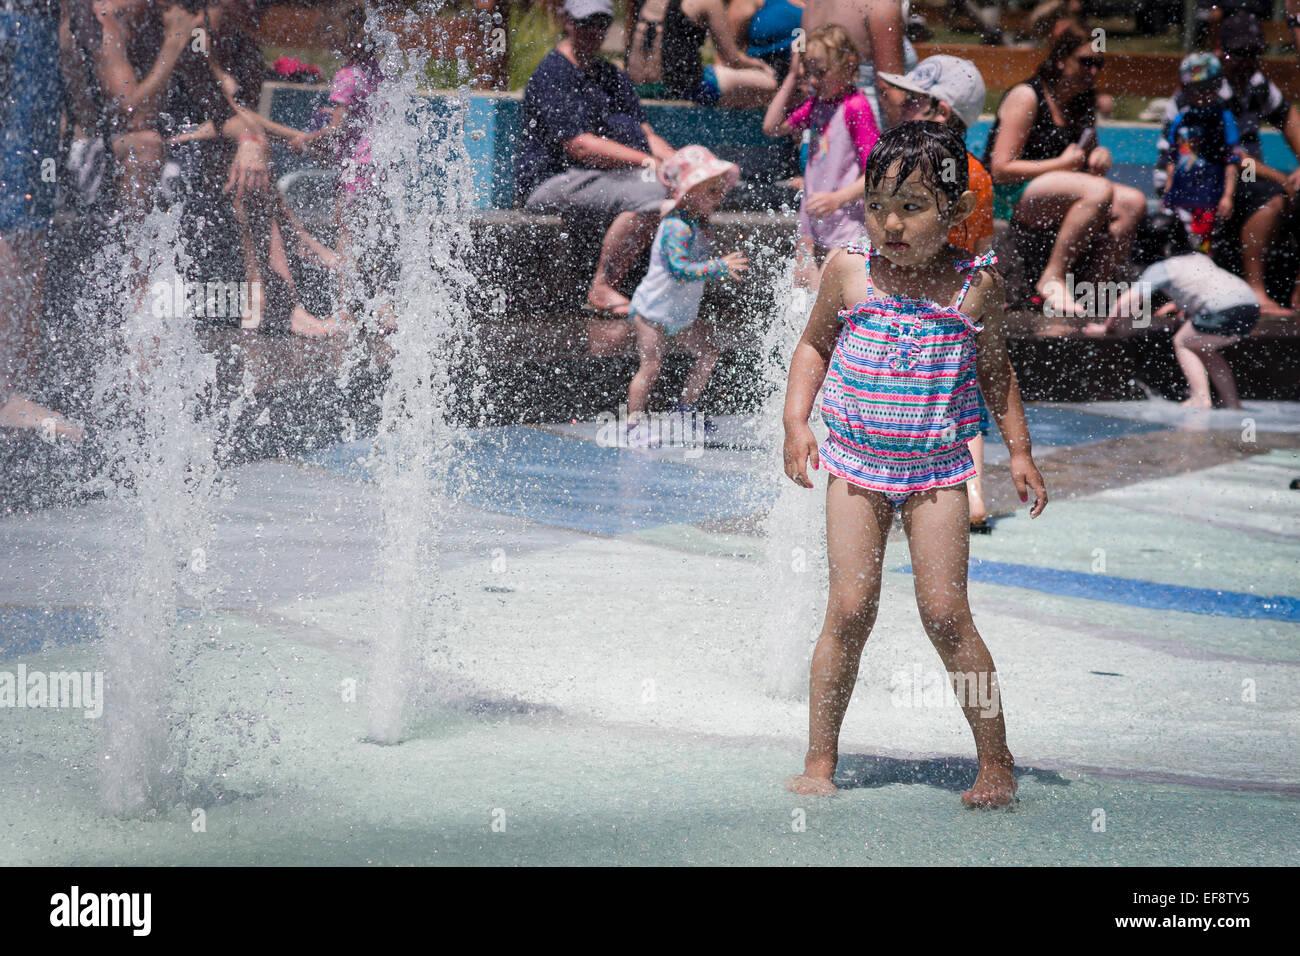 A piedi nudi ragazza fontana di avvicinamento ad estate, persone in background Immagini Stock